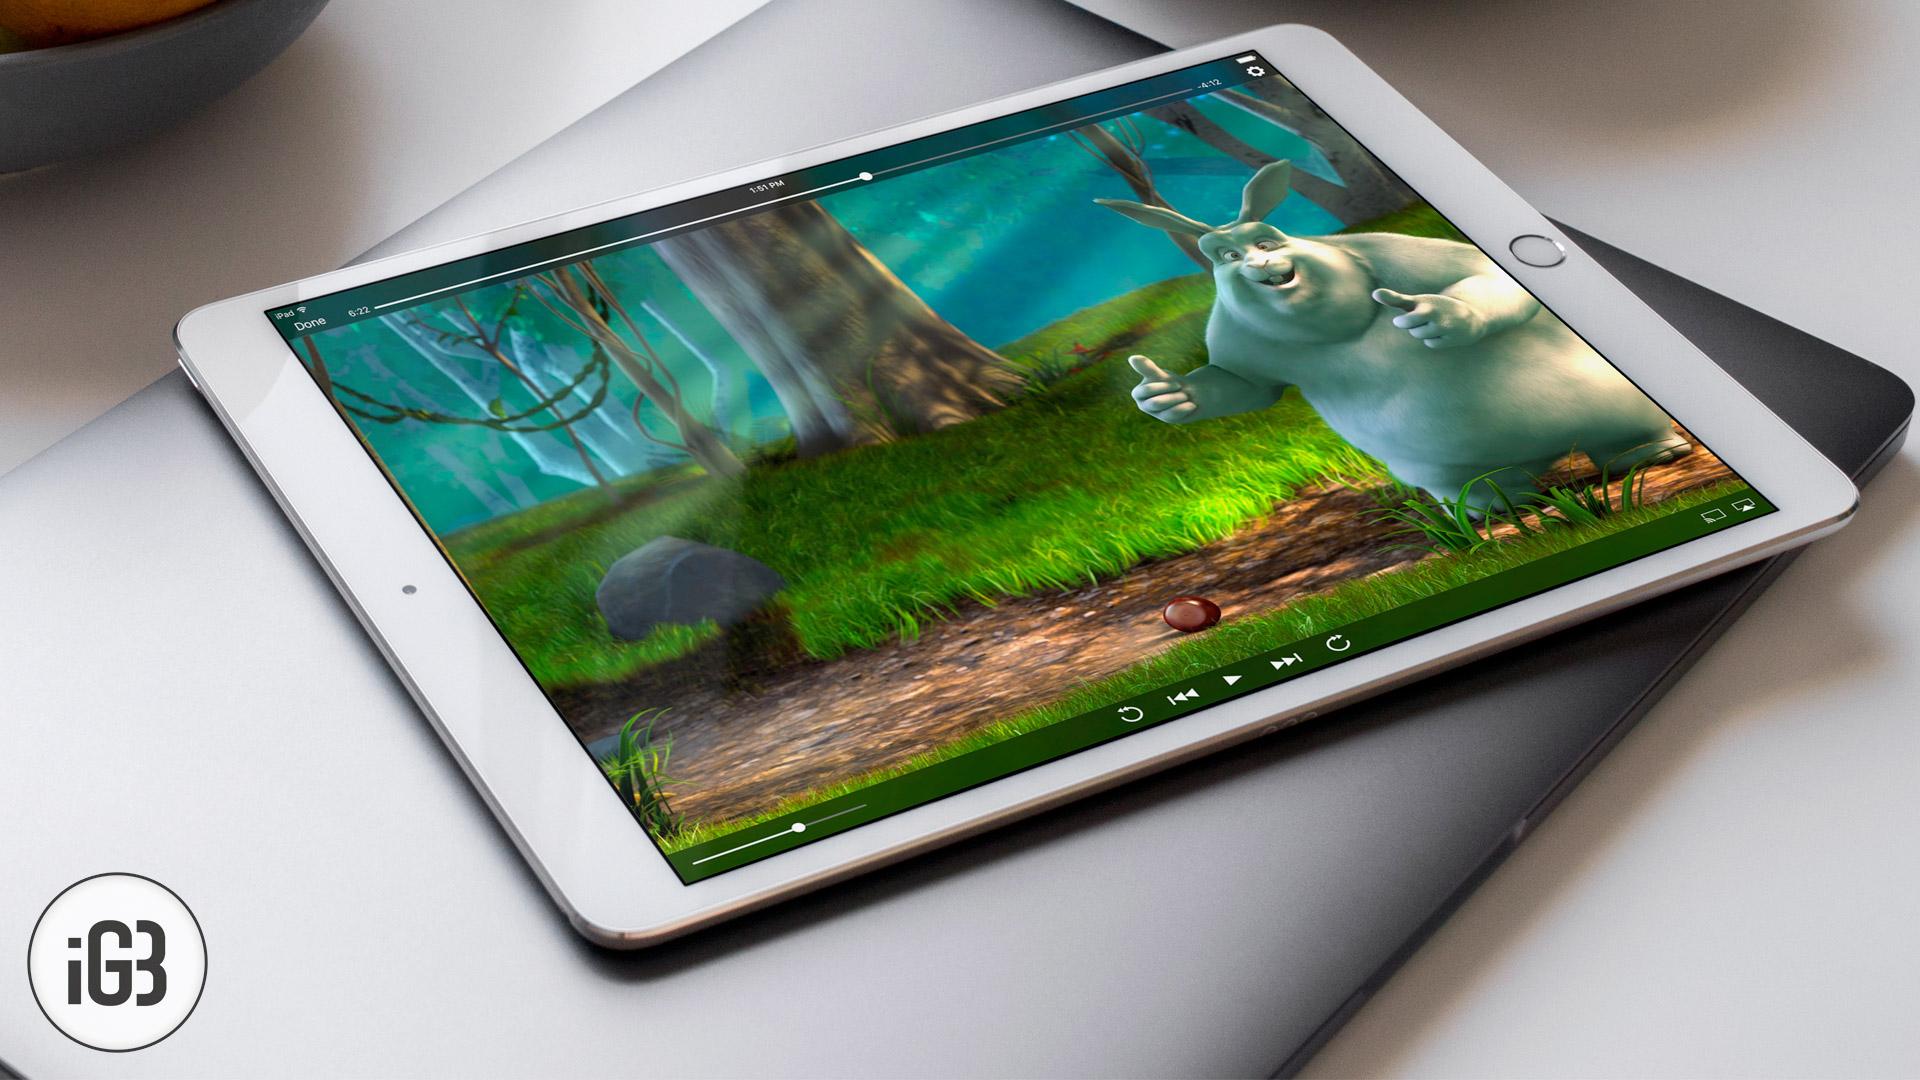 Las mejores aplicaciones de reproductor de video para iPad de 2019: disfruta de una experiencia de video perfecta